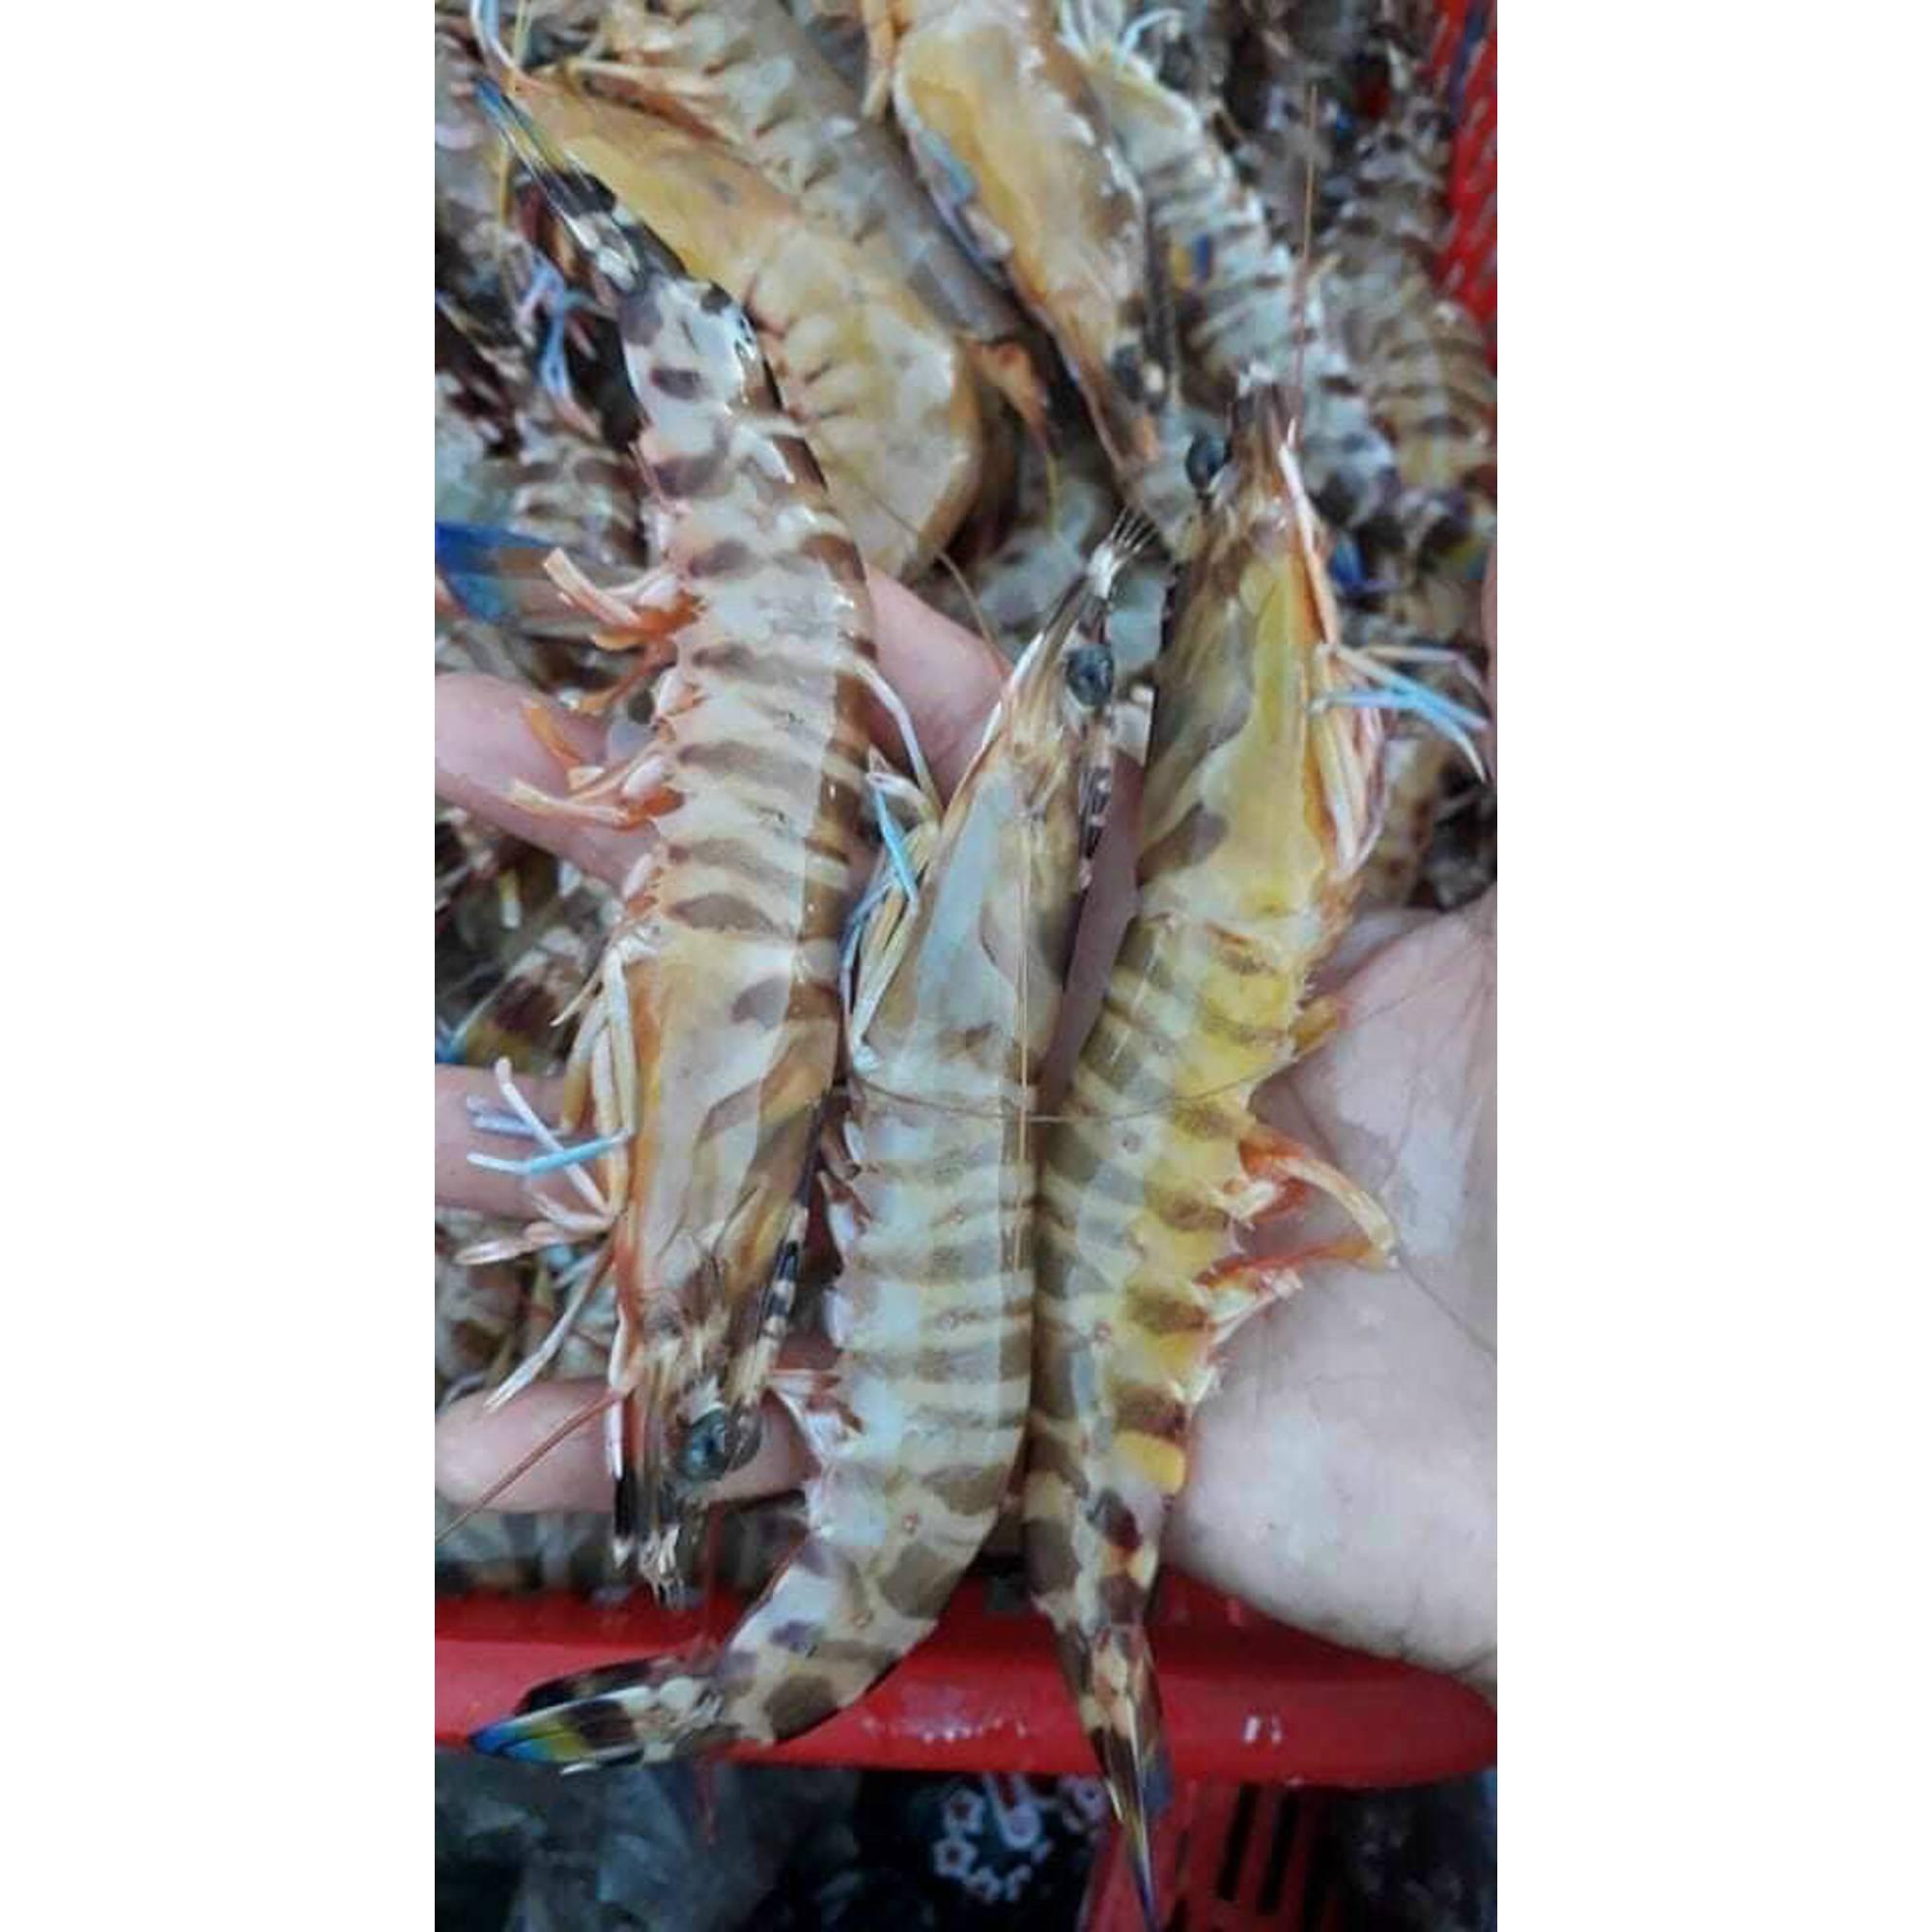 Tôm vằn biển Lý Sơn tự nhiên 100%